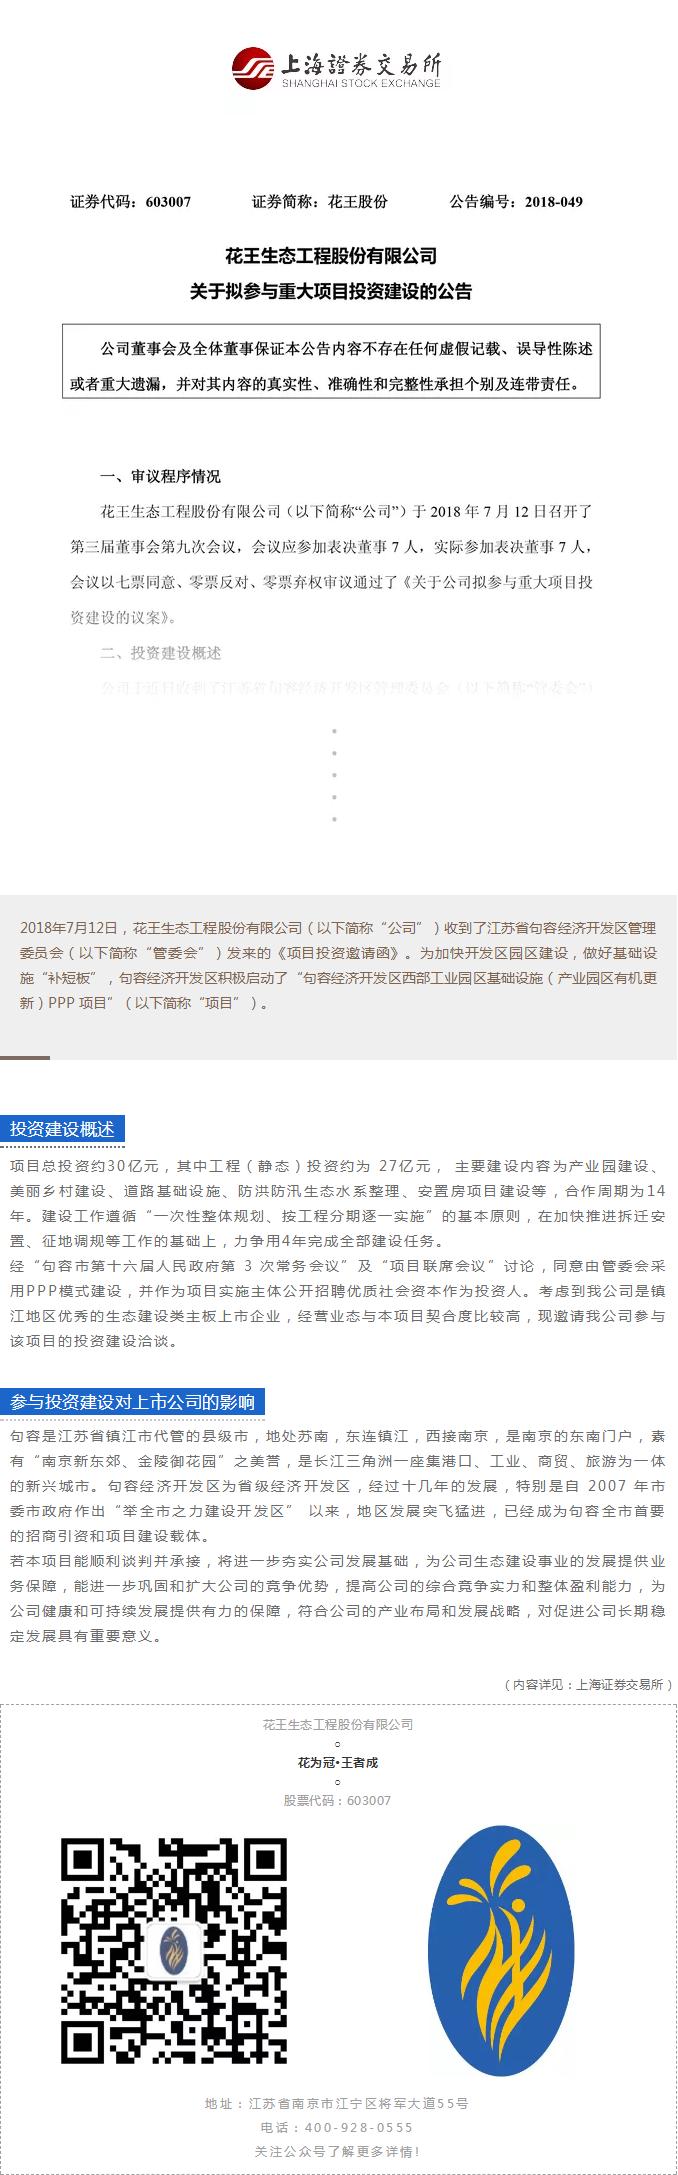 易胜博网站生态工程股份有限公司1.png